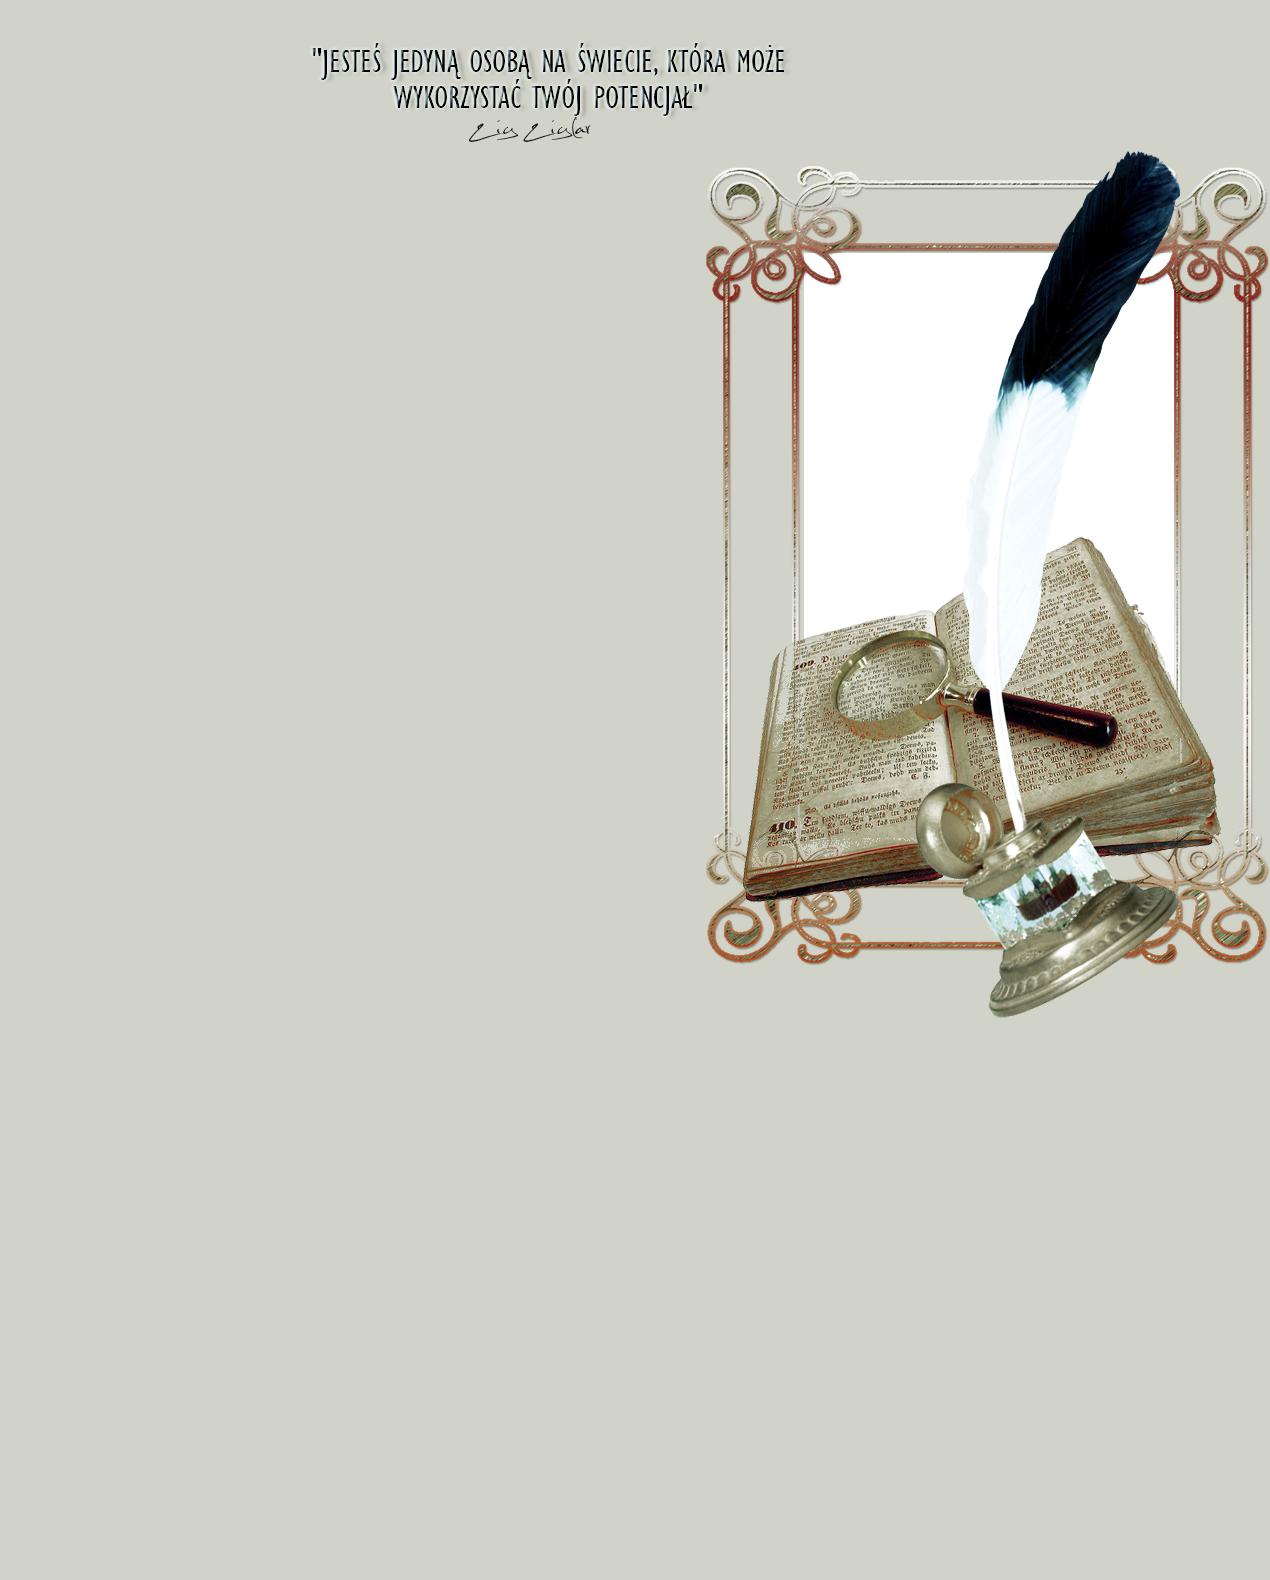 Wzór spod pióra - Opowiadania twórcze